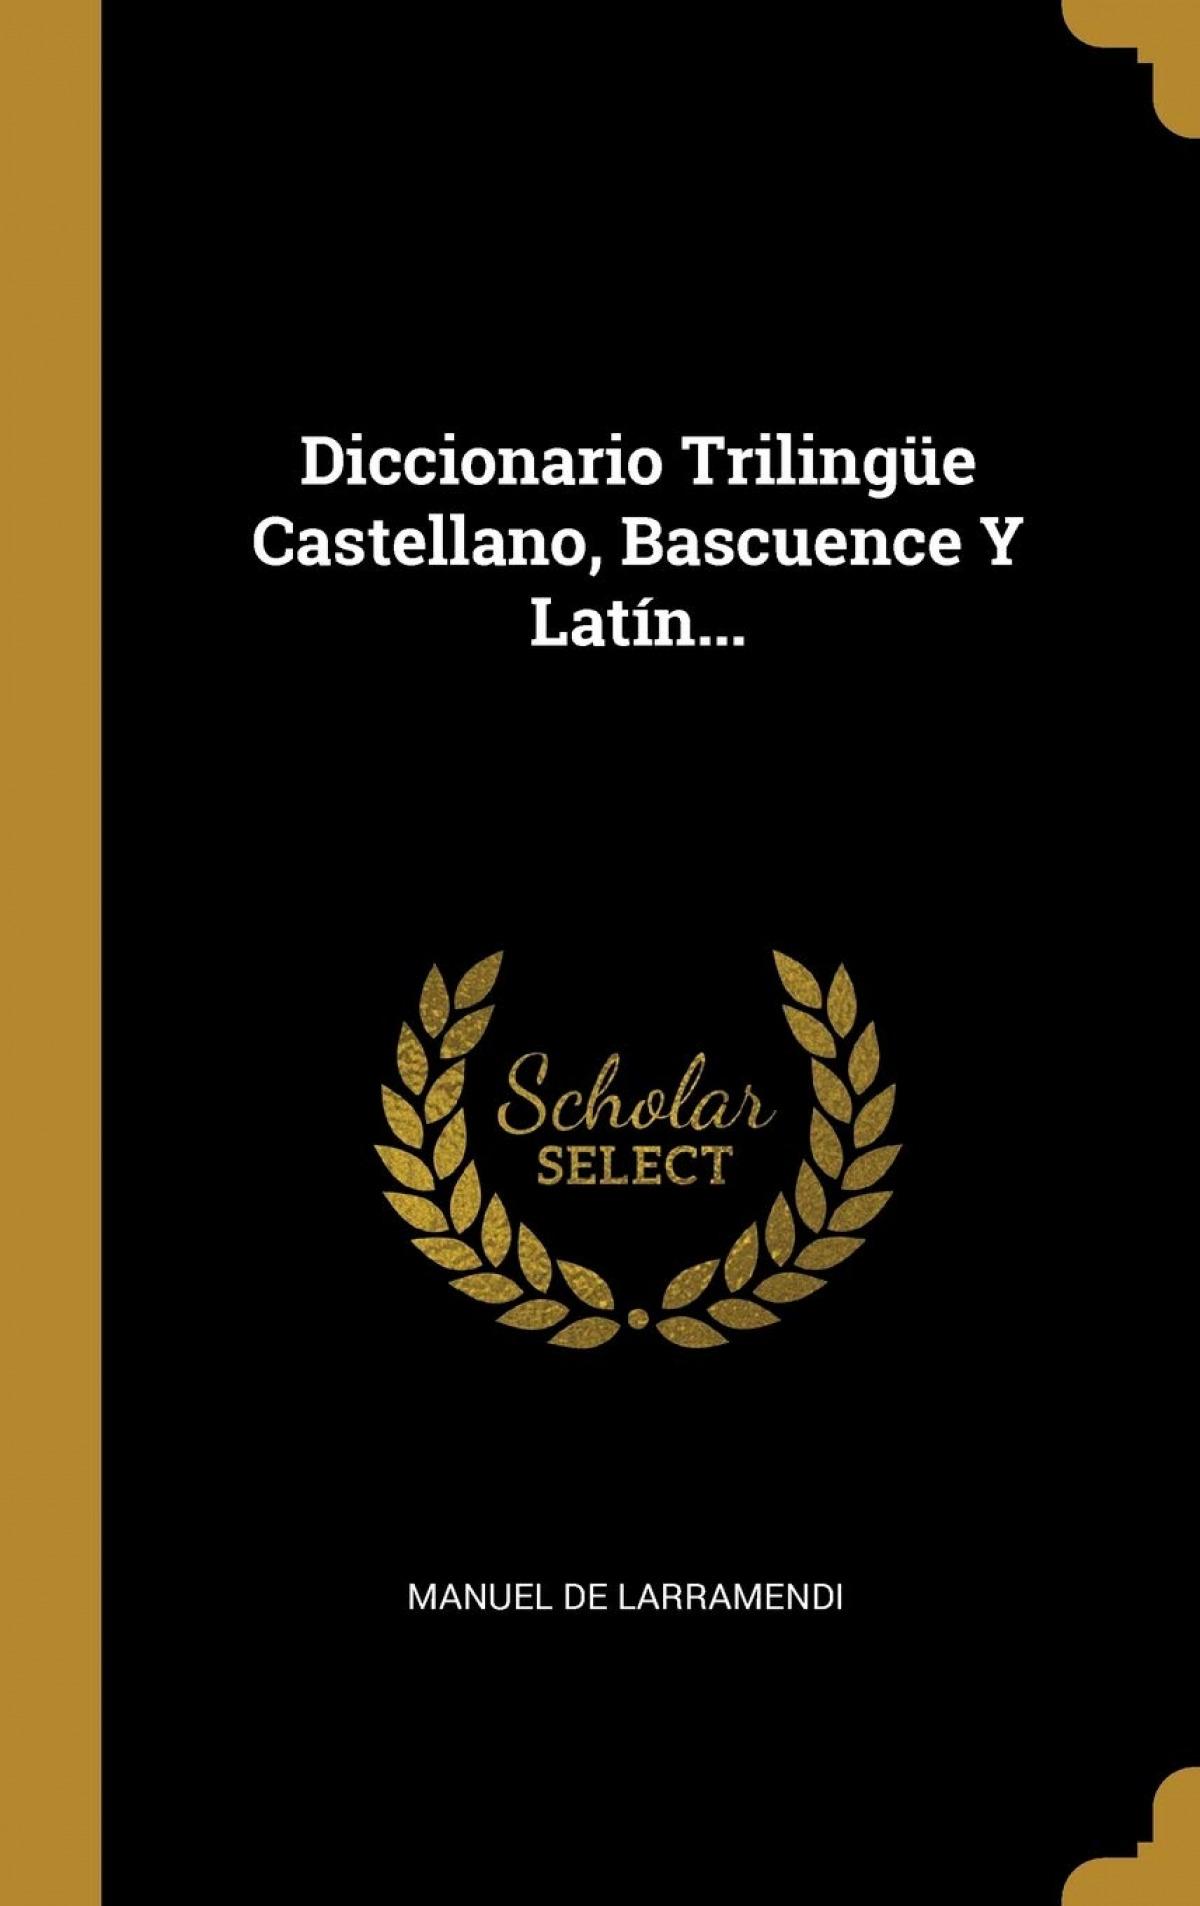 Diccionario Trilingüe Castellano, Bascuence Y Lat¡n...